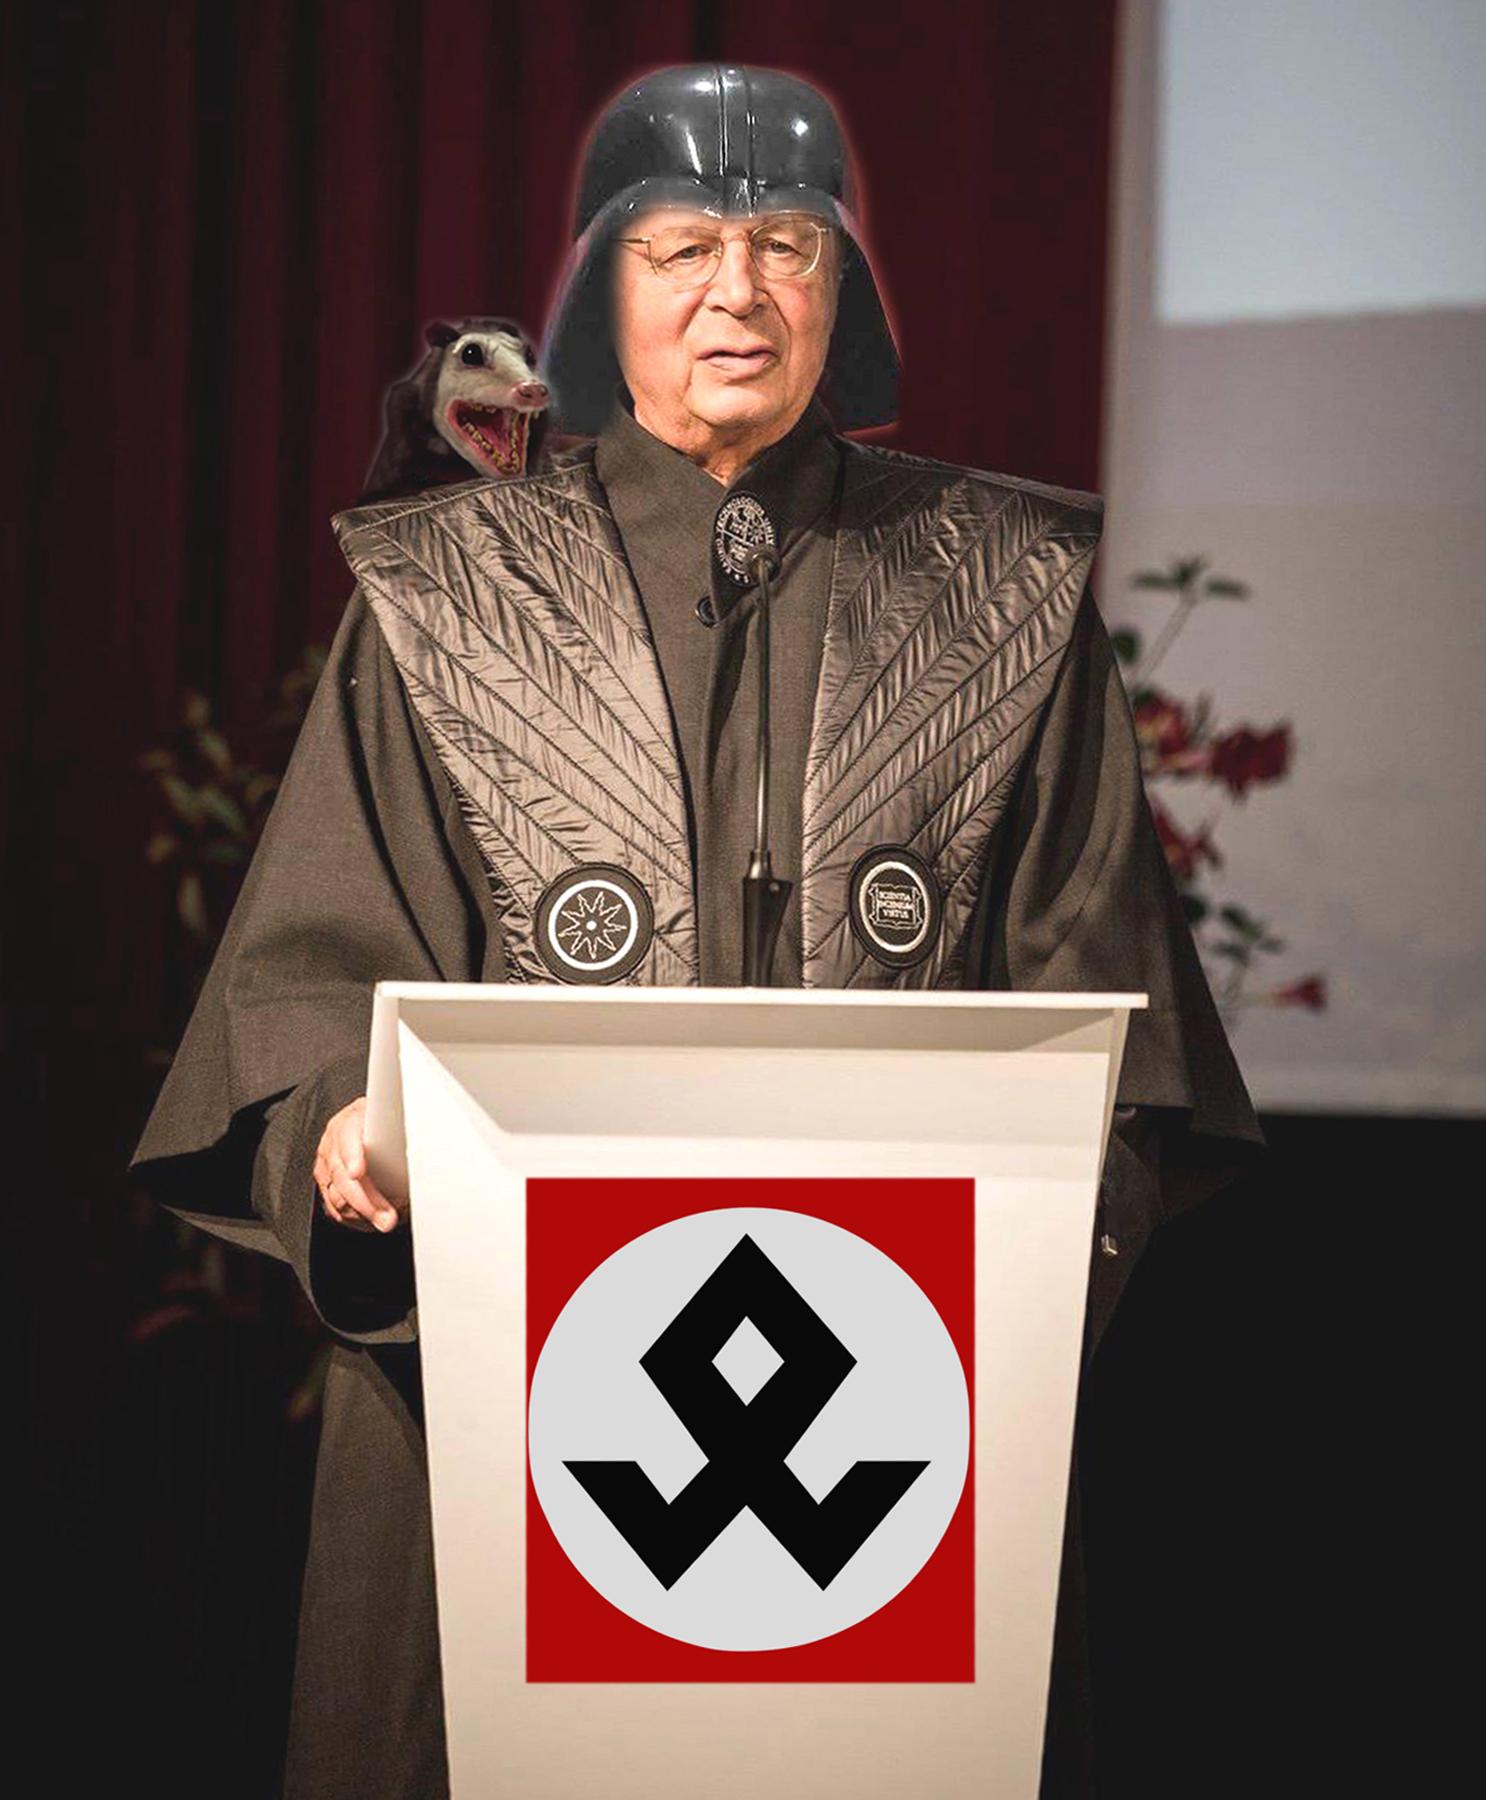 Klaus Swab